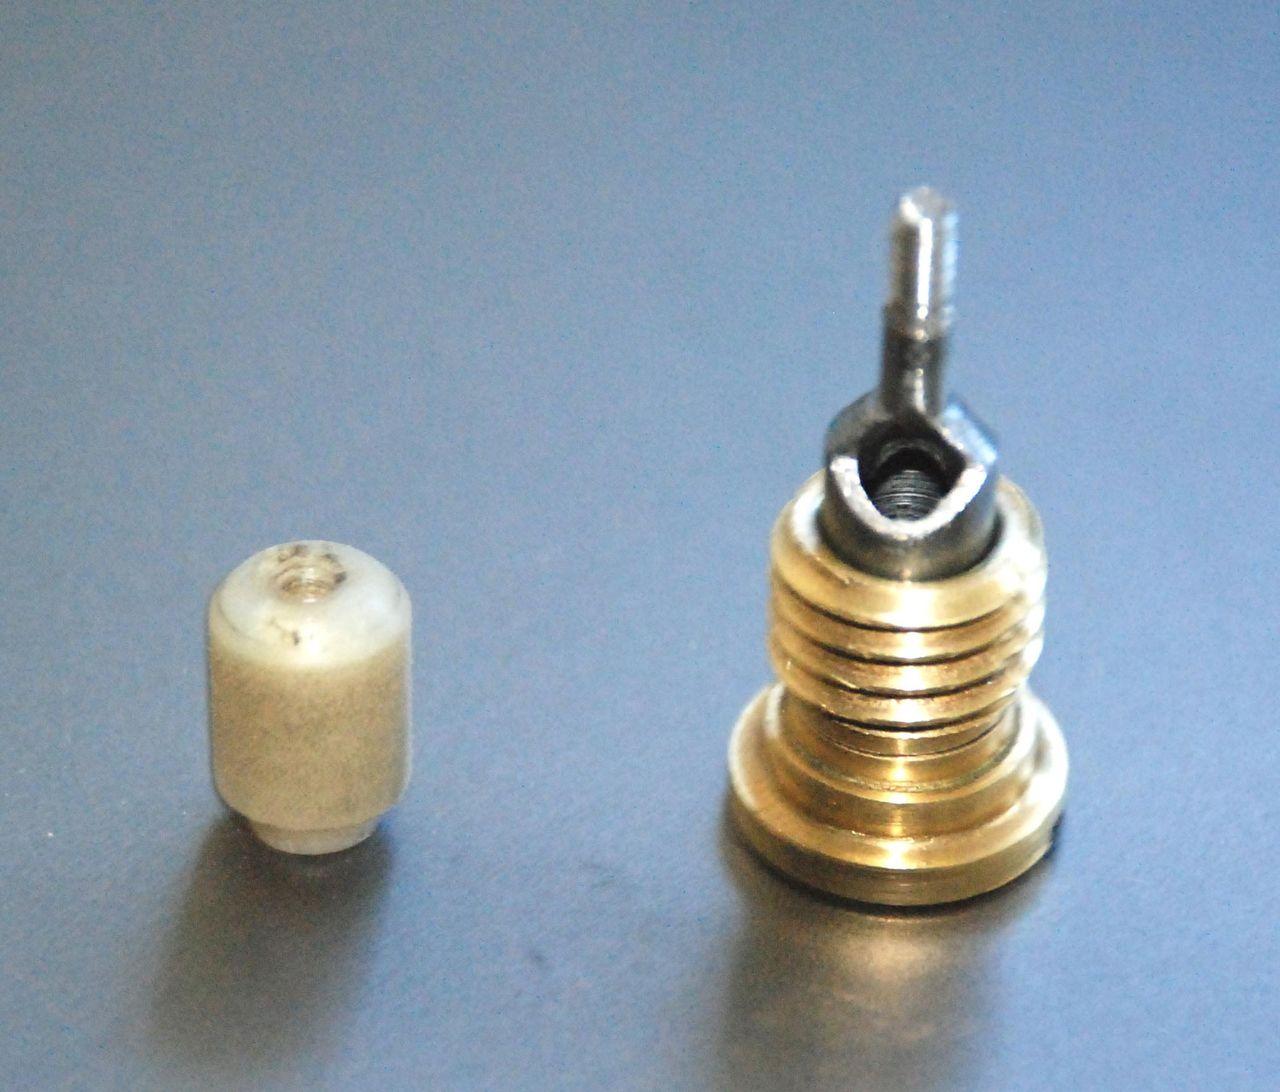 Самодельный обратный клапан : подробно о том, как сделать обратный клапан 99